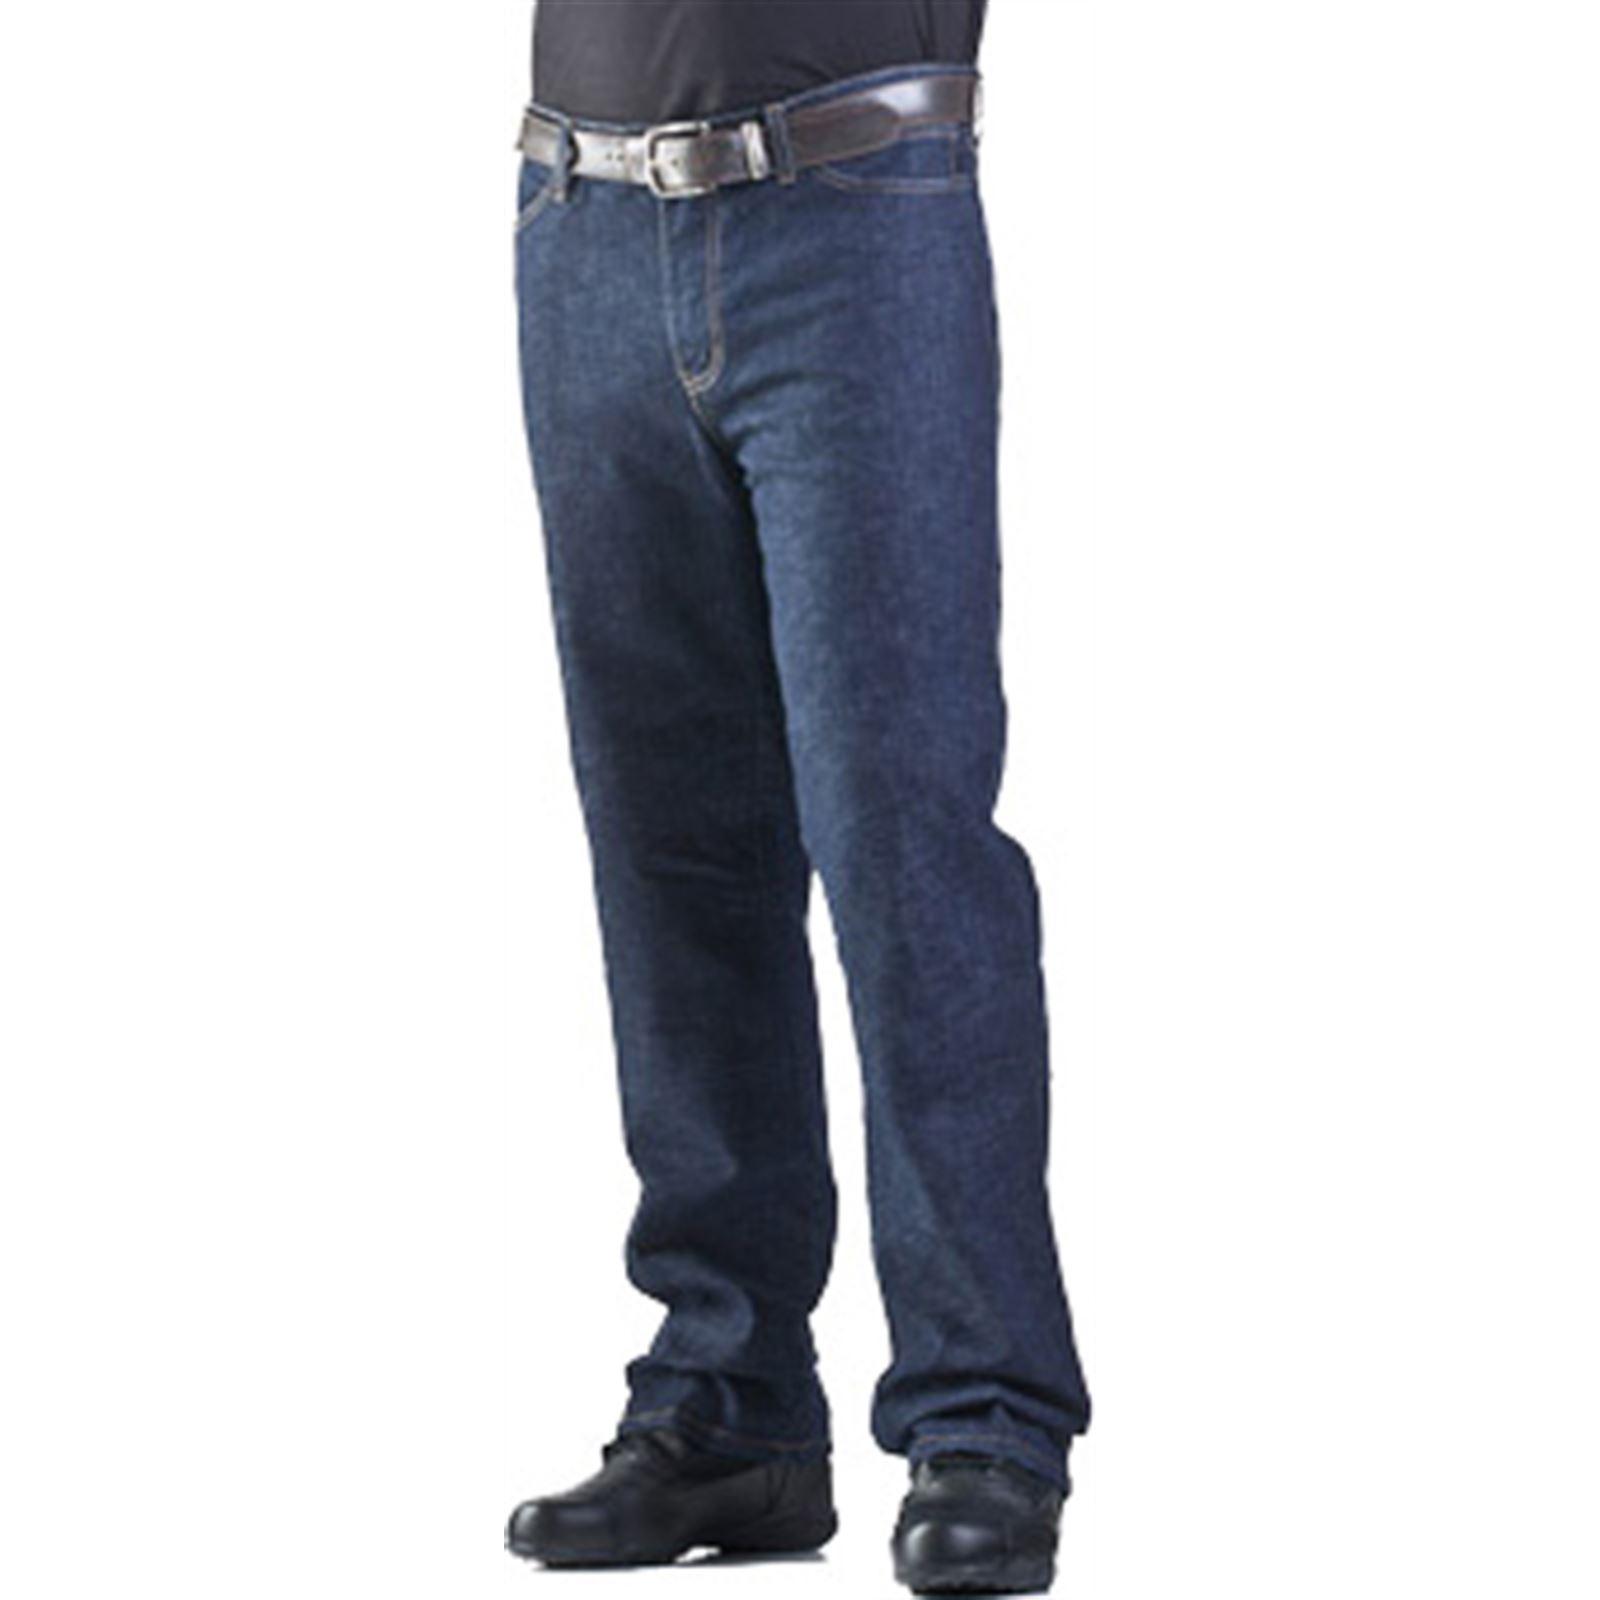 Drayko Drift Riding Jeans